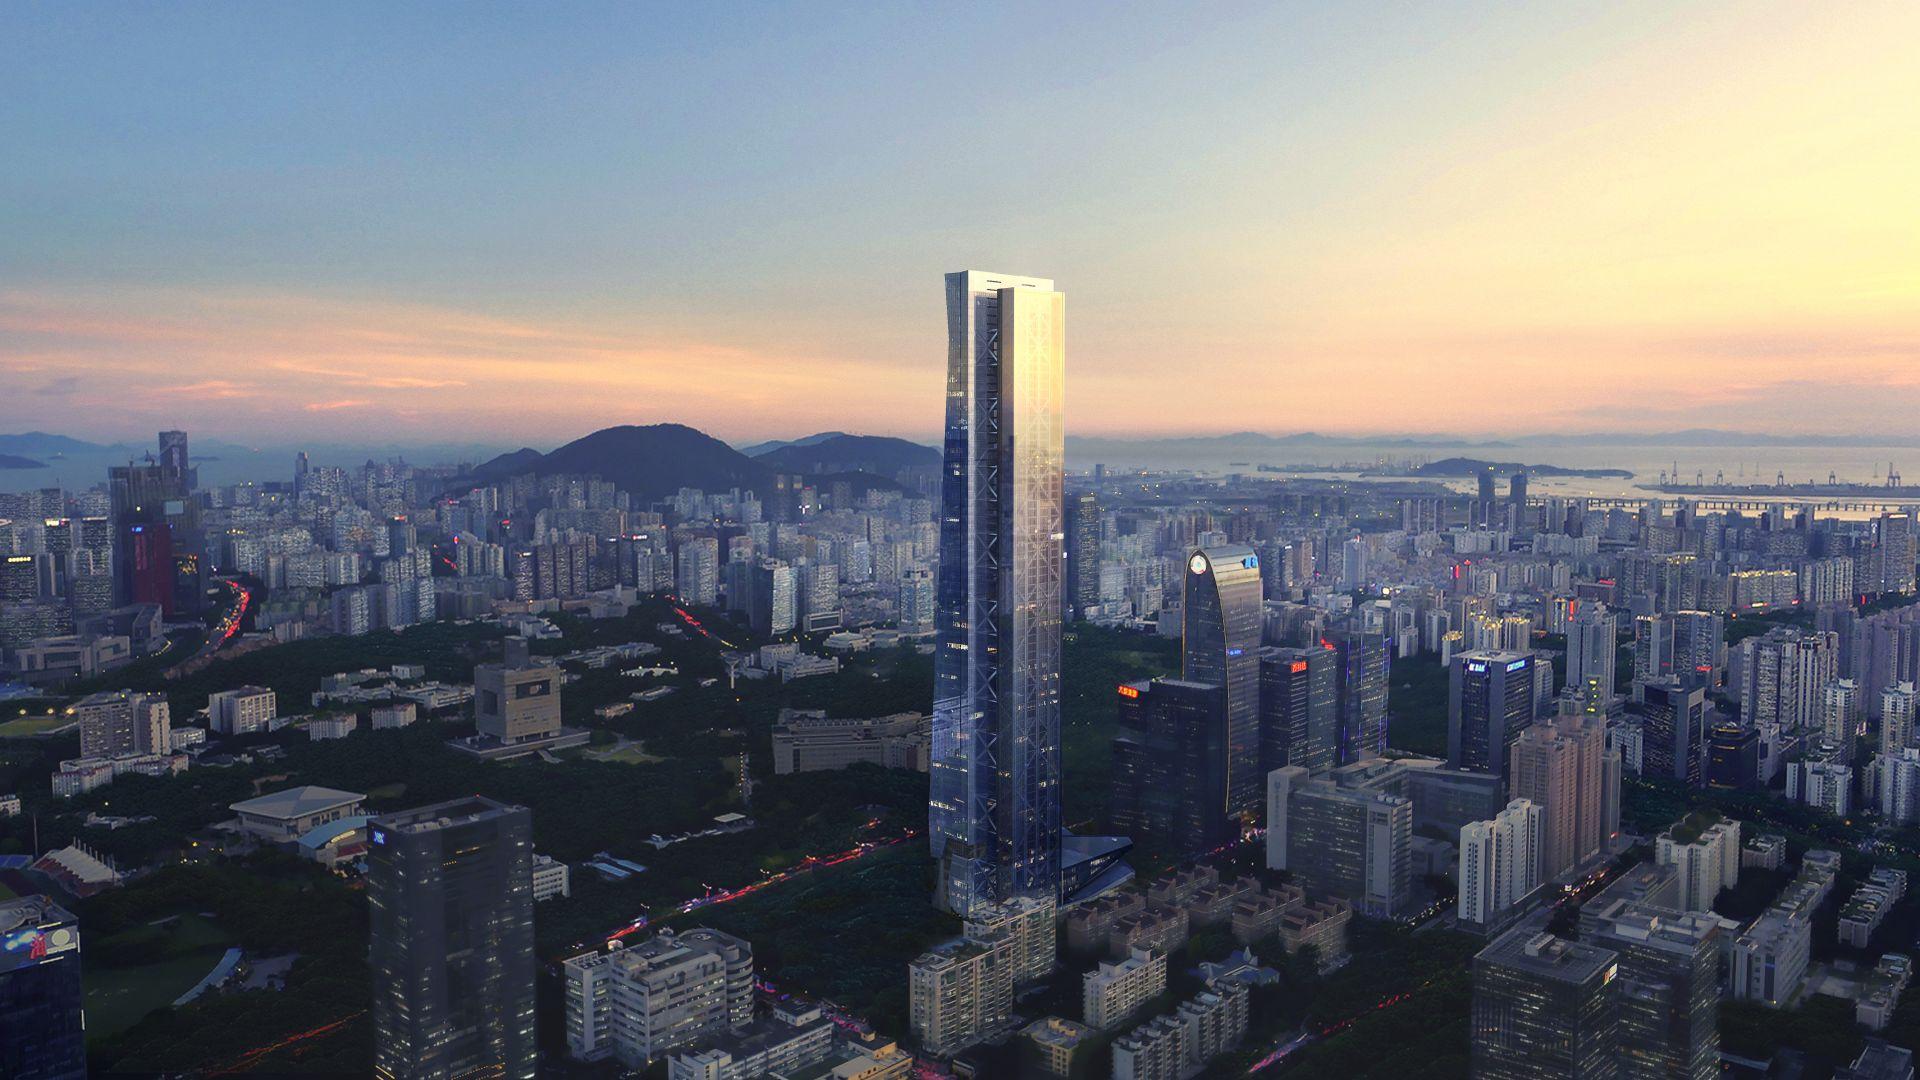 国内最高全钢结构建筑汉京金融中心项目通过竣工验收